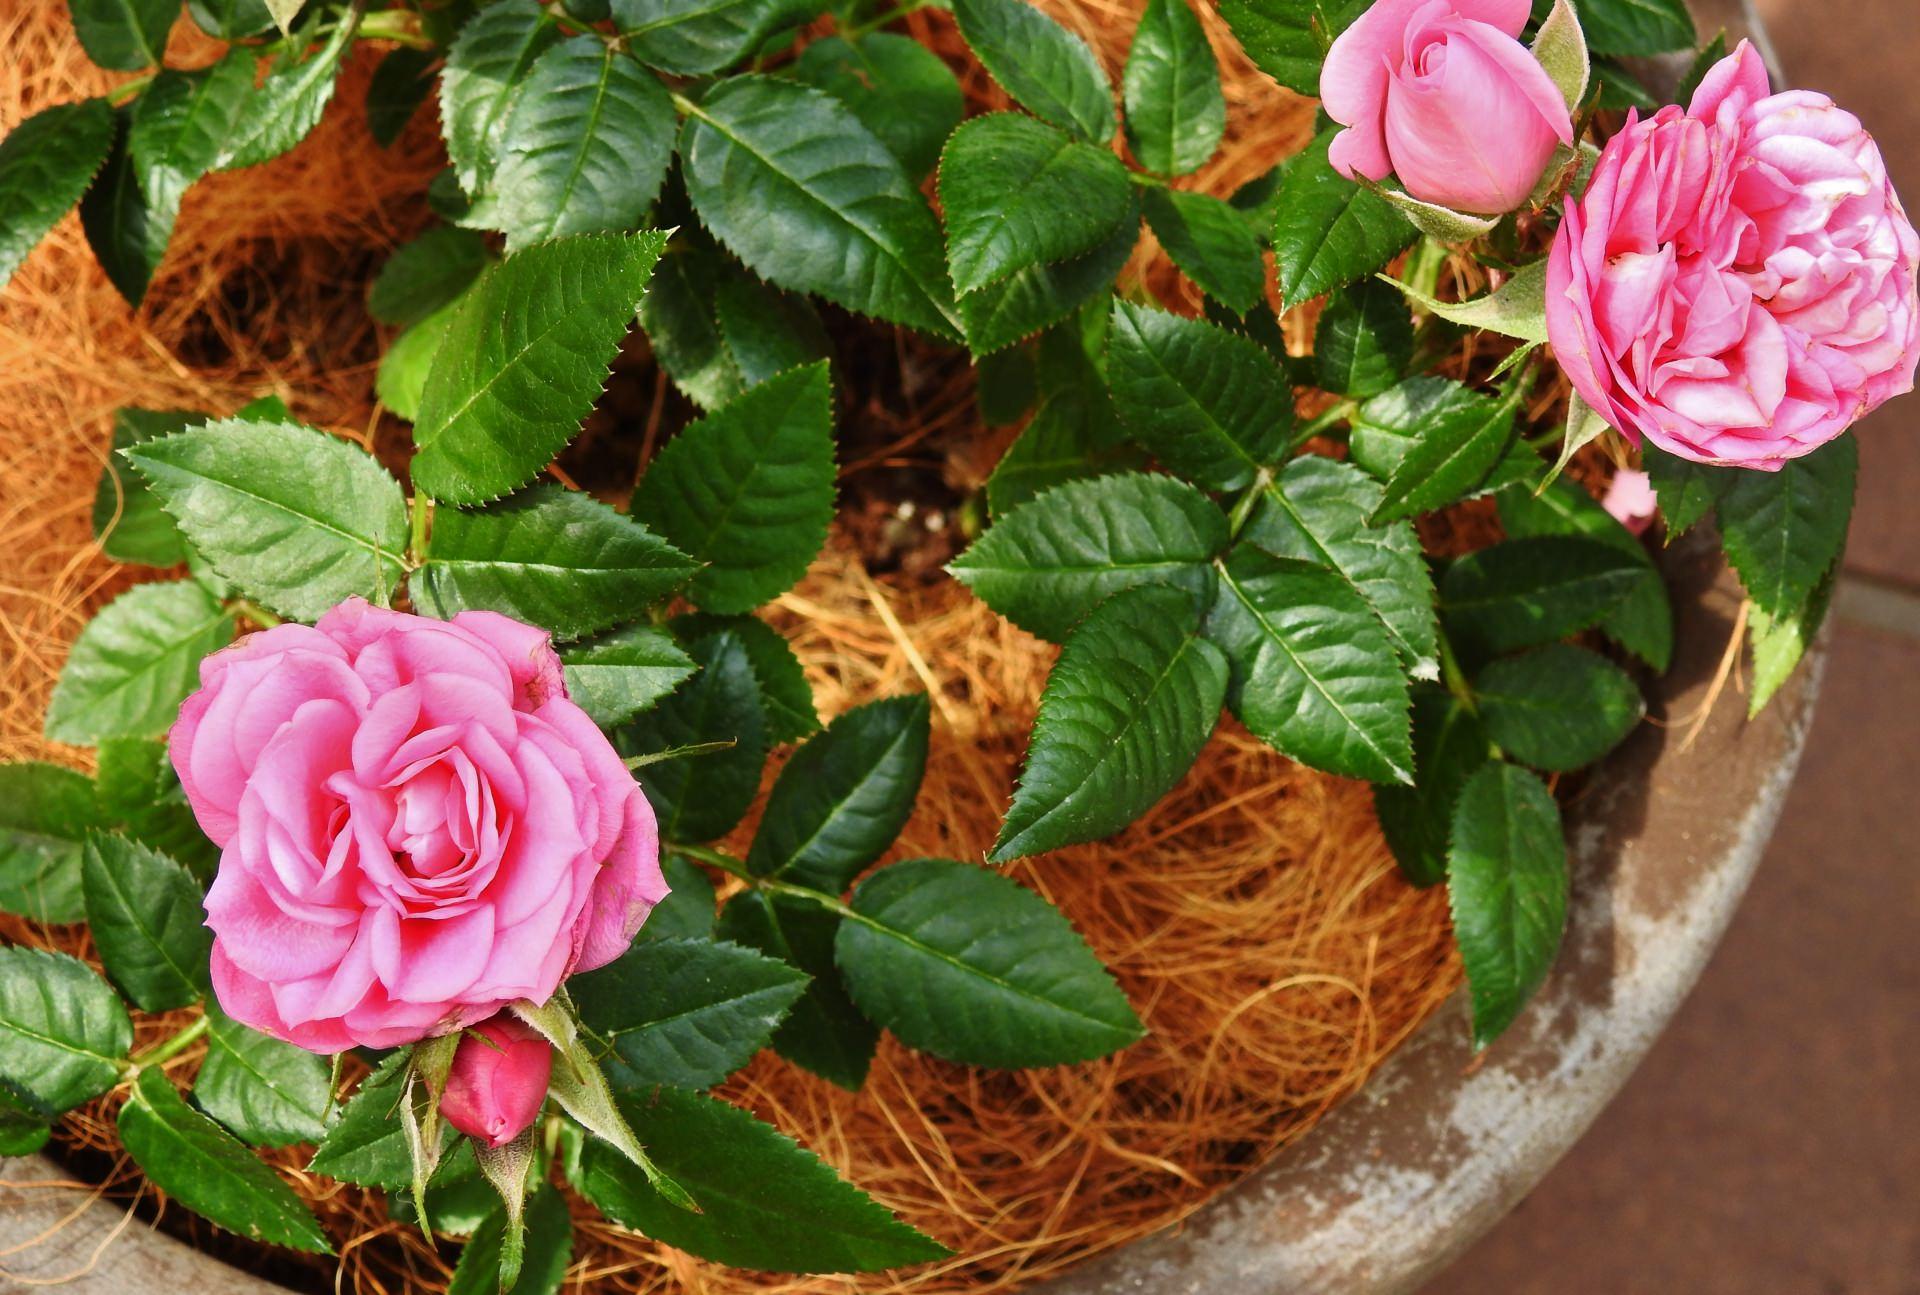 バラの花鉢植え